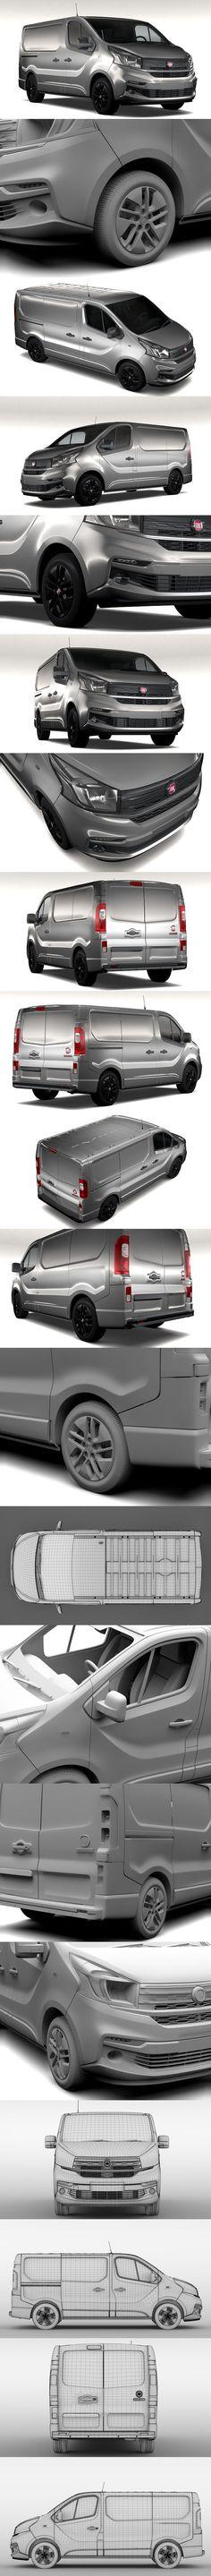 Fiat Talento Van L1 2017. 3D Vehicles